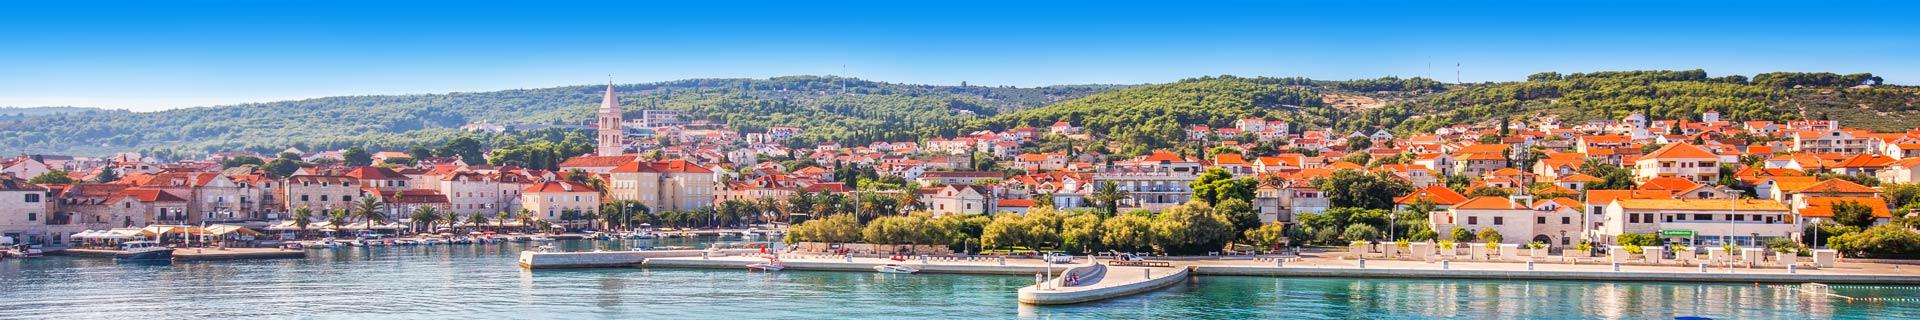 kan ik op vakantie naar kroatie?